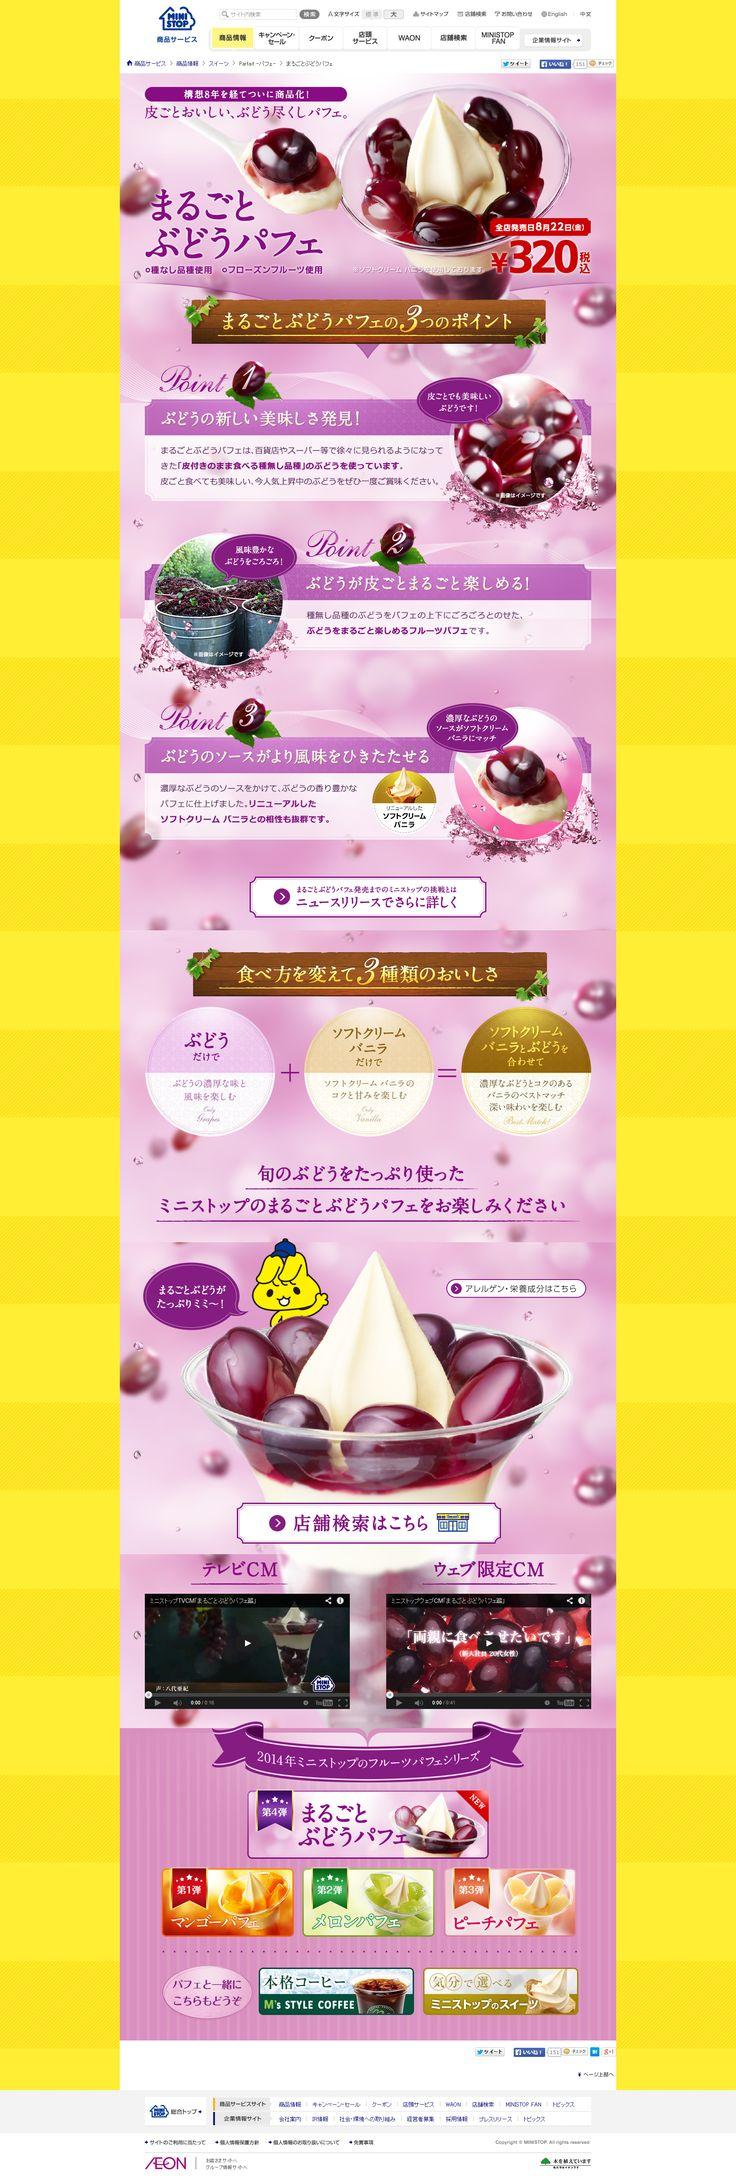 ミニストップ http://www.ministop.co.jp/syohin/sweets/parfait/budou-parfait/